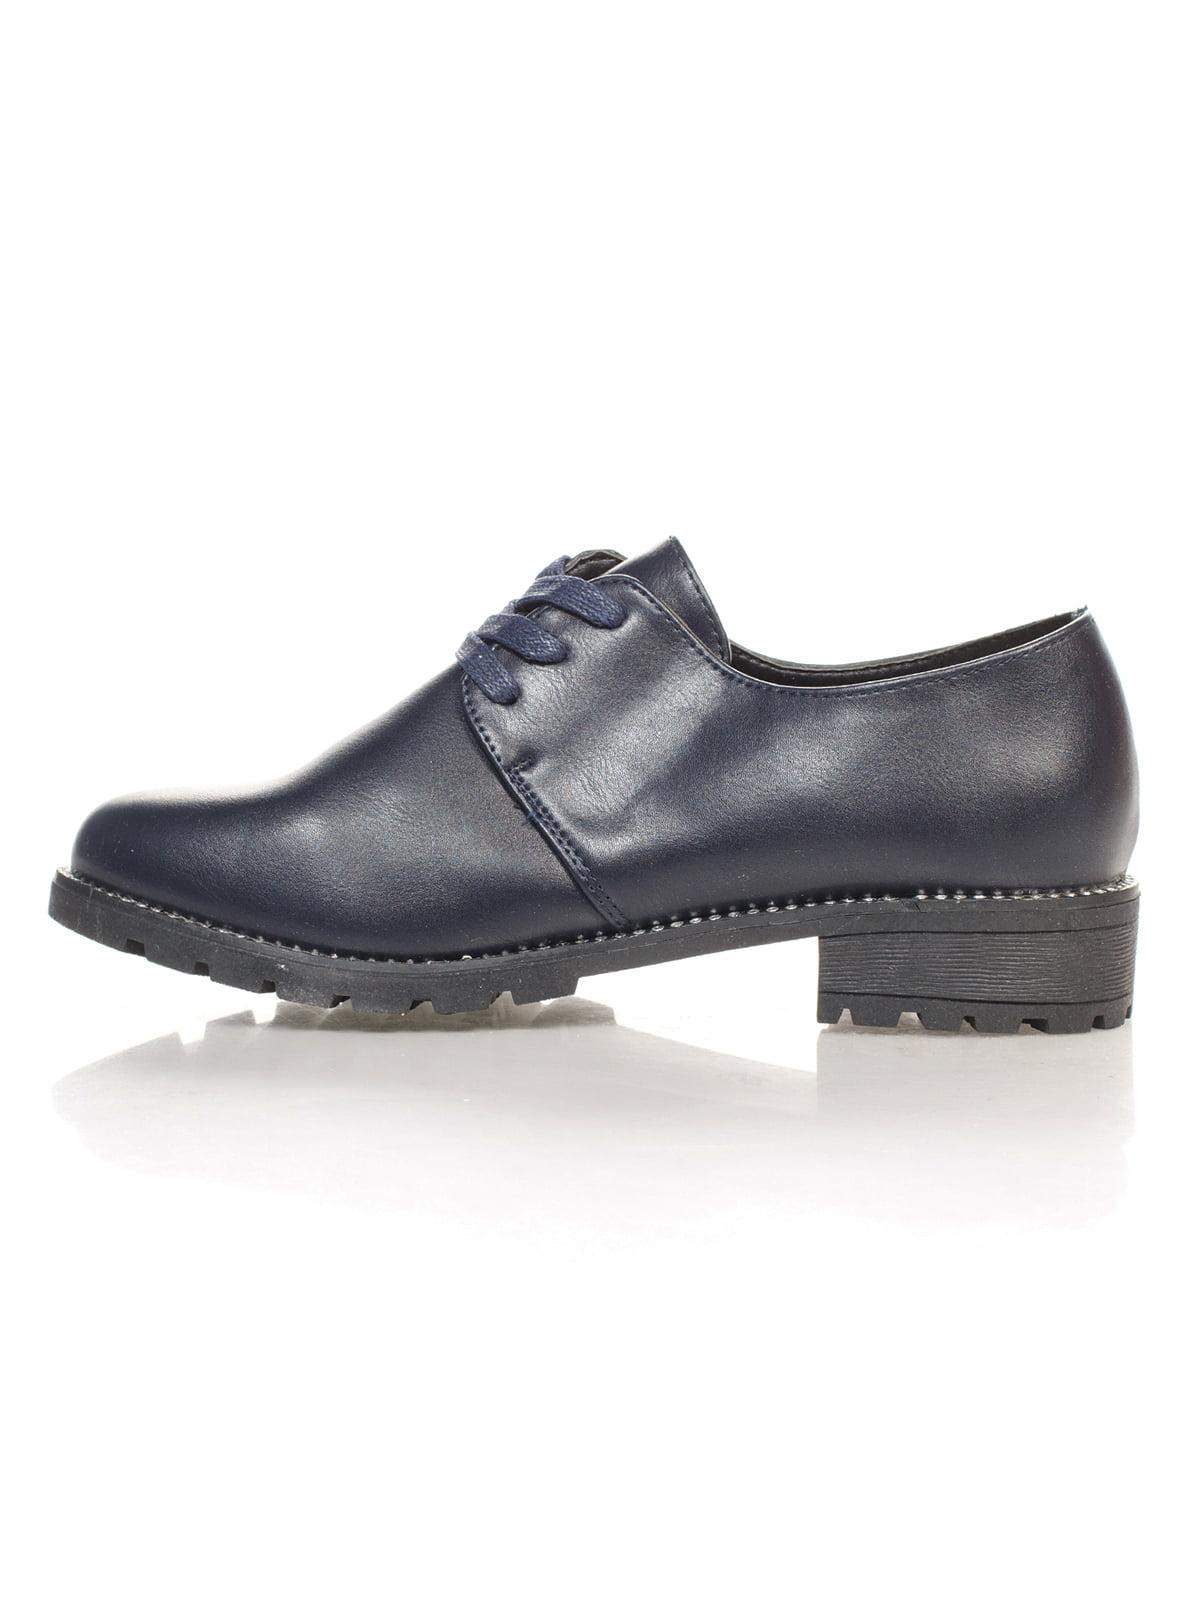 Туфли темно-синие | 4605842 | фото 2